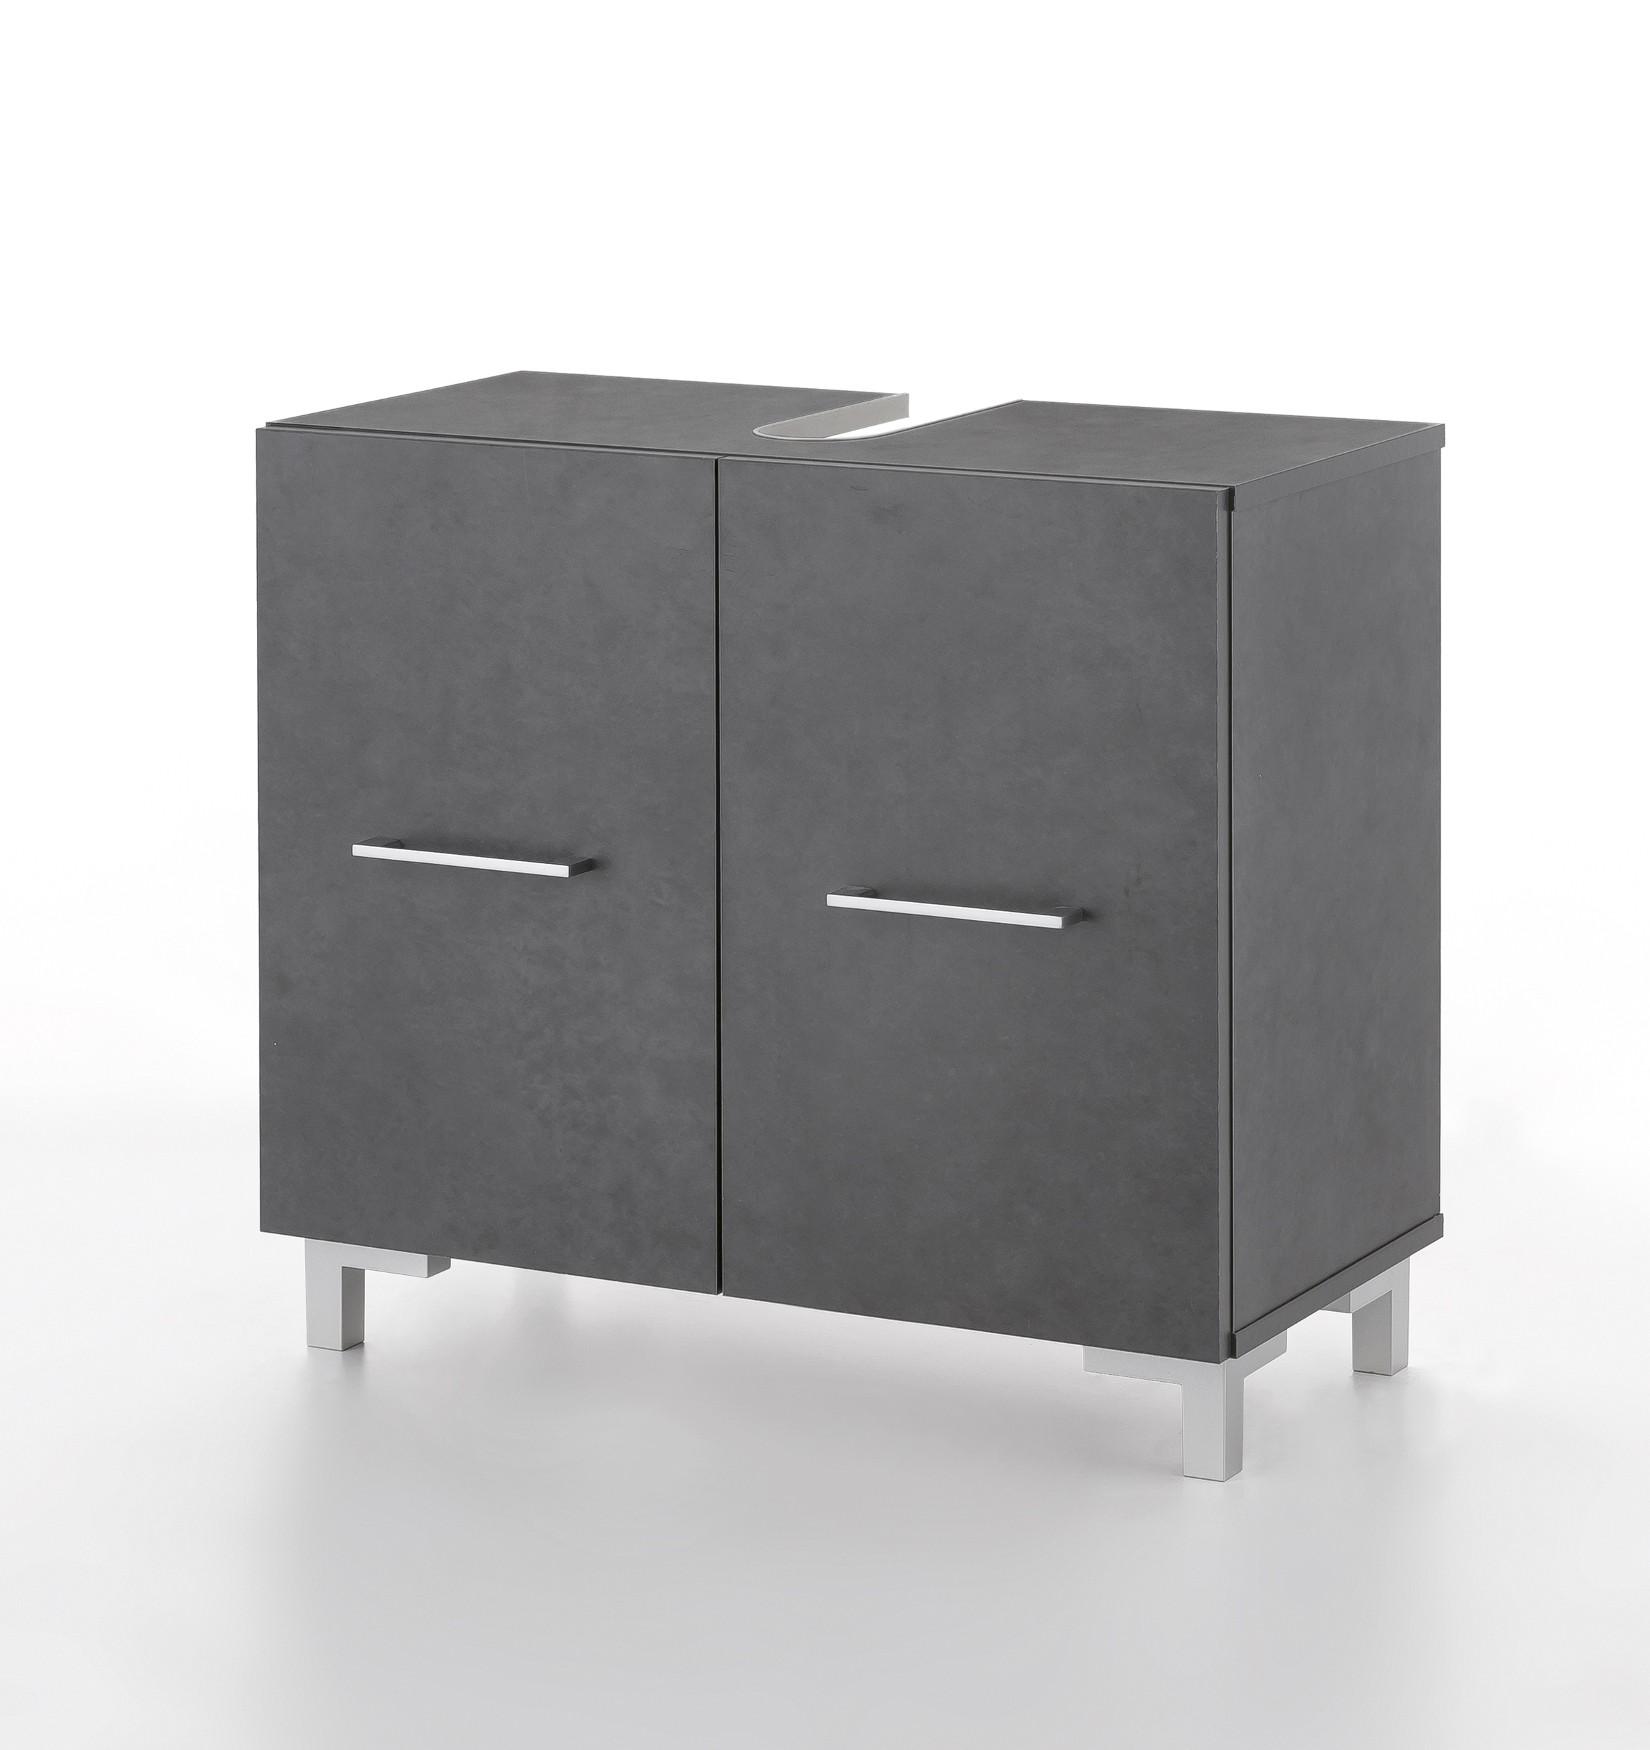 bad waschbeckenunterschrank ulm 2 t rig 65 cm breit graphit graphit bad. Black Bedroom Furniture Sets. Home Design Ideas